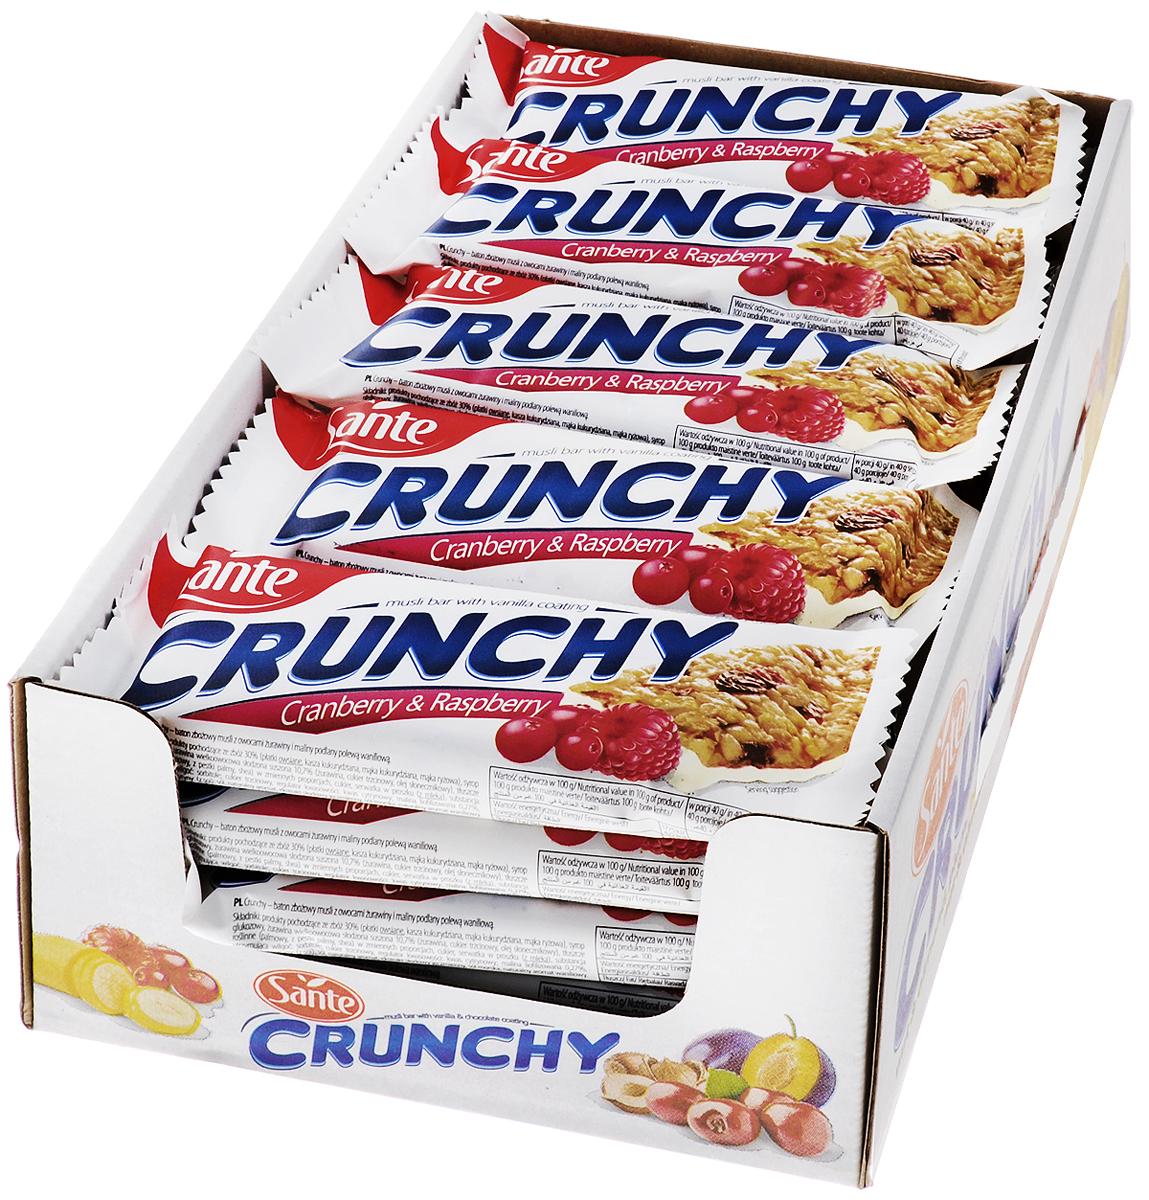 Sante Crunchy батончик мюсли с клюквой и малиной в ванильной глазури, 40 г (25 шт) 5900617015747